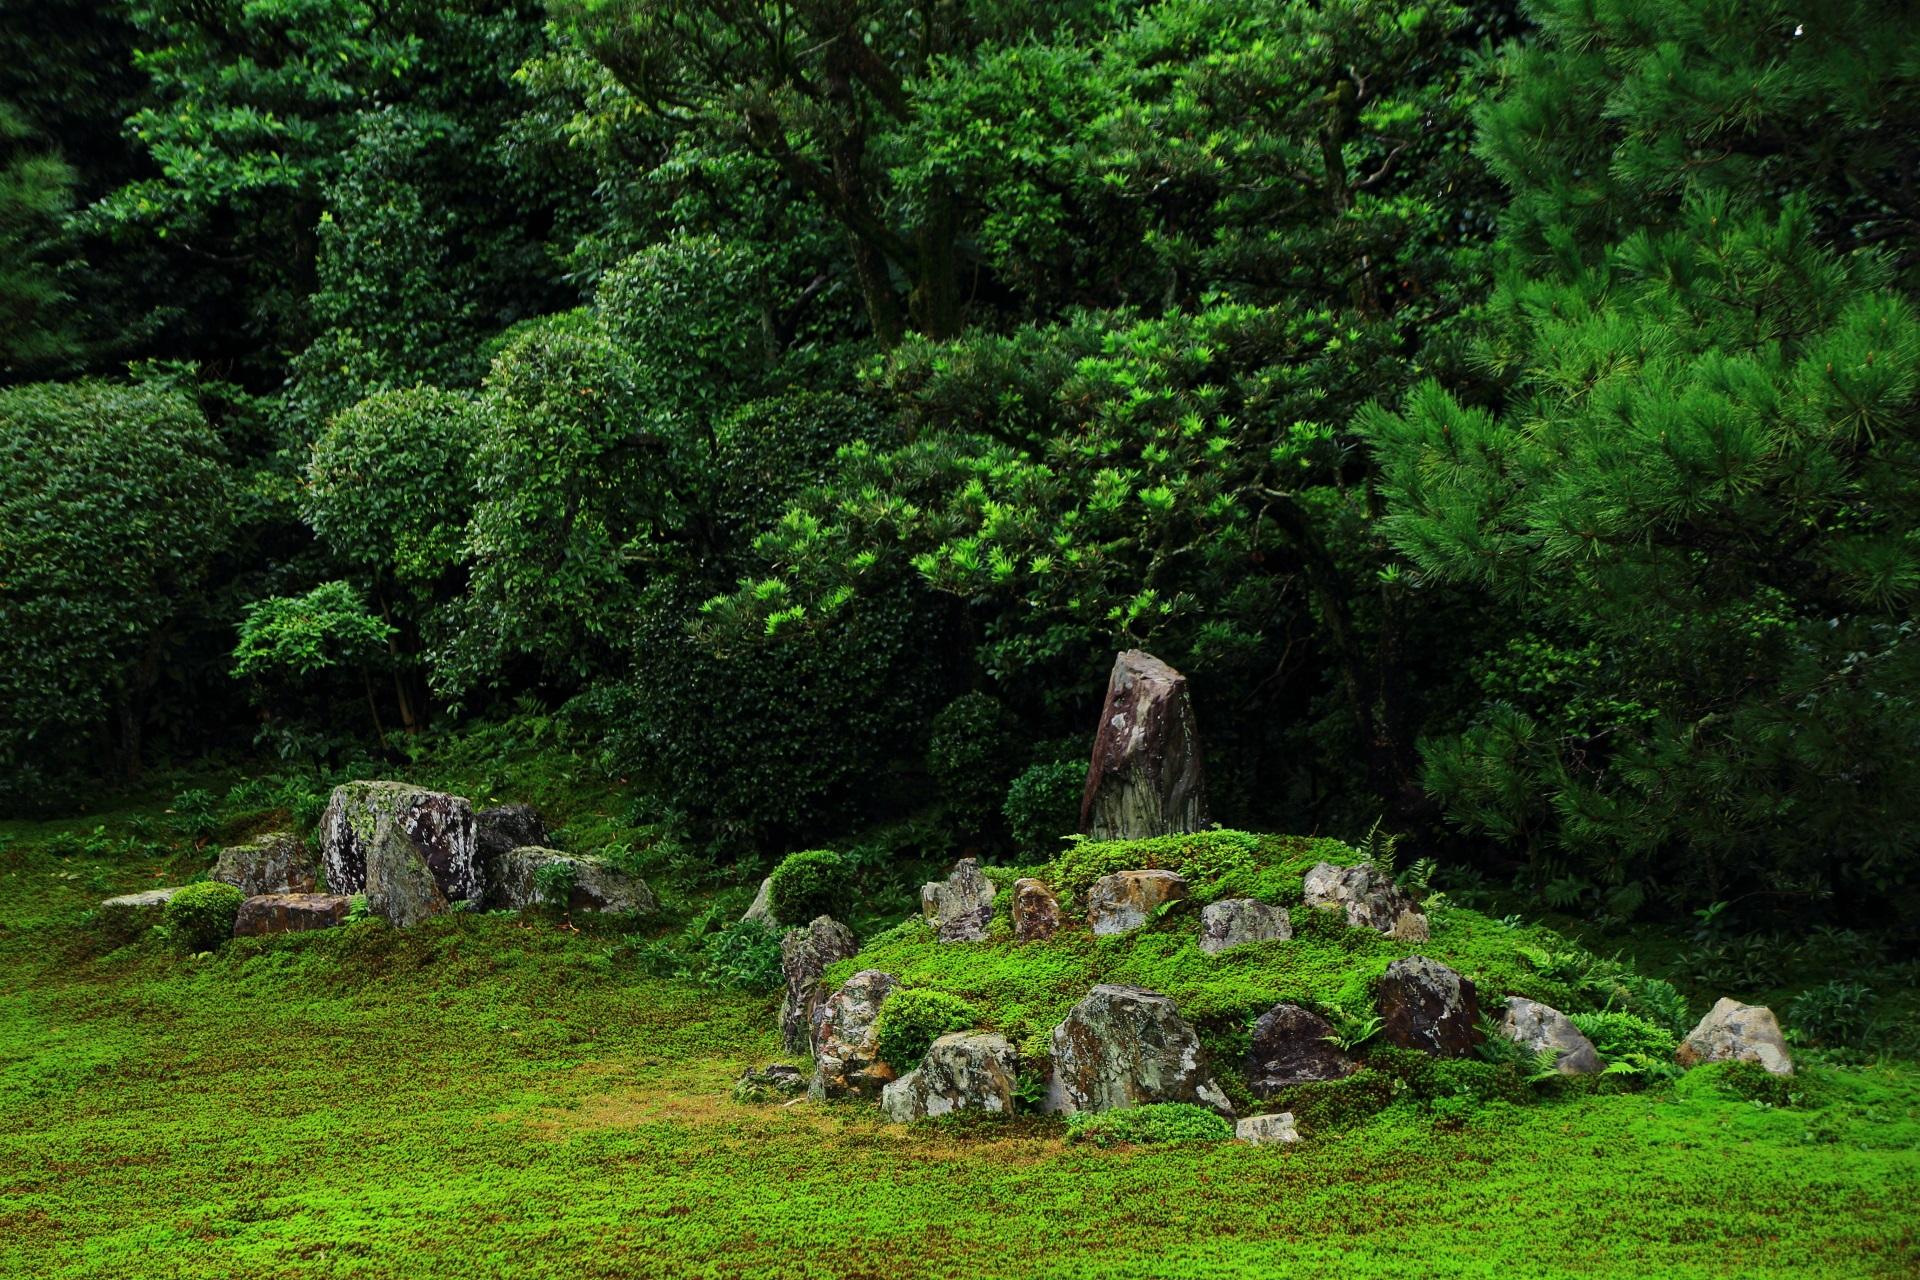 芬陀院の鶴島と亀島